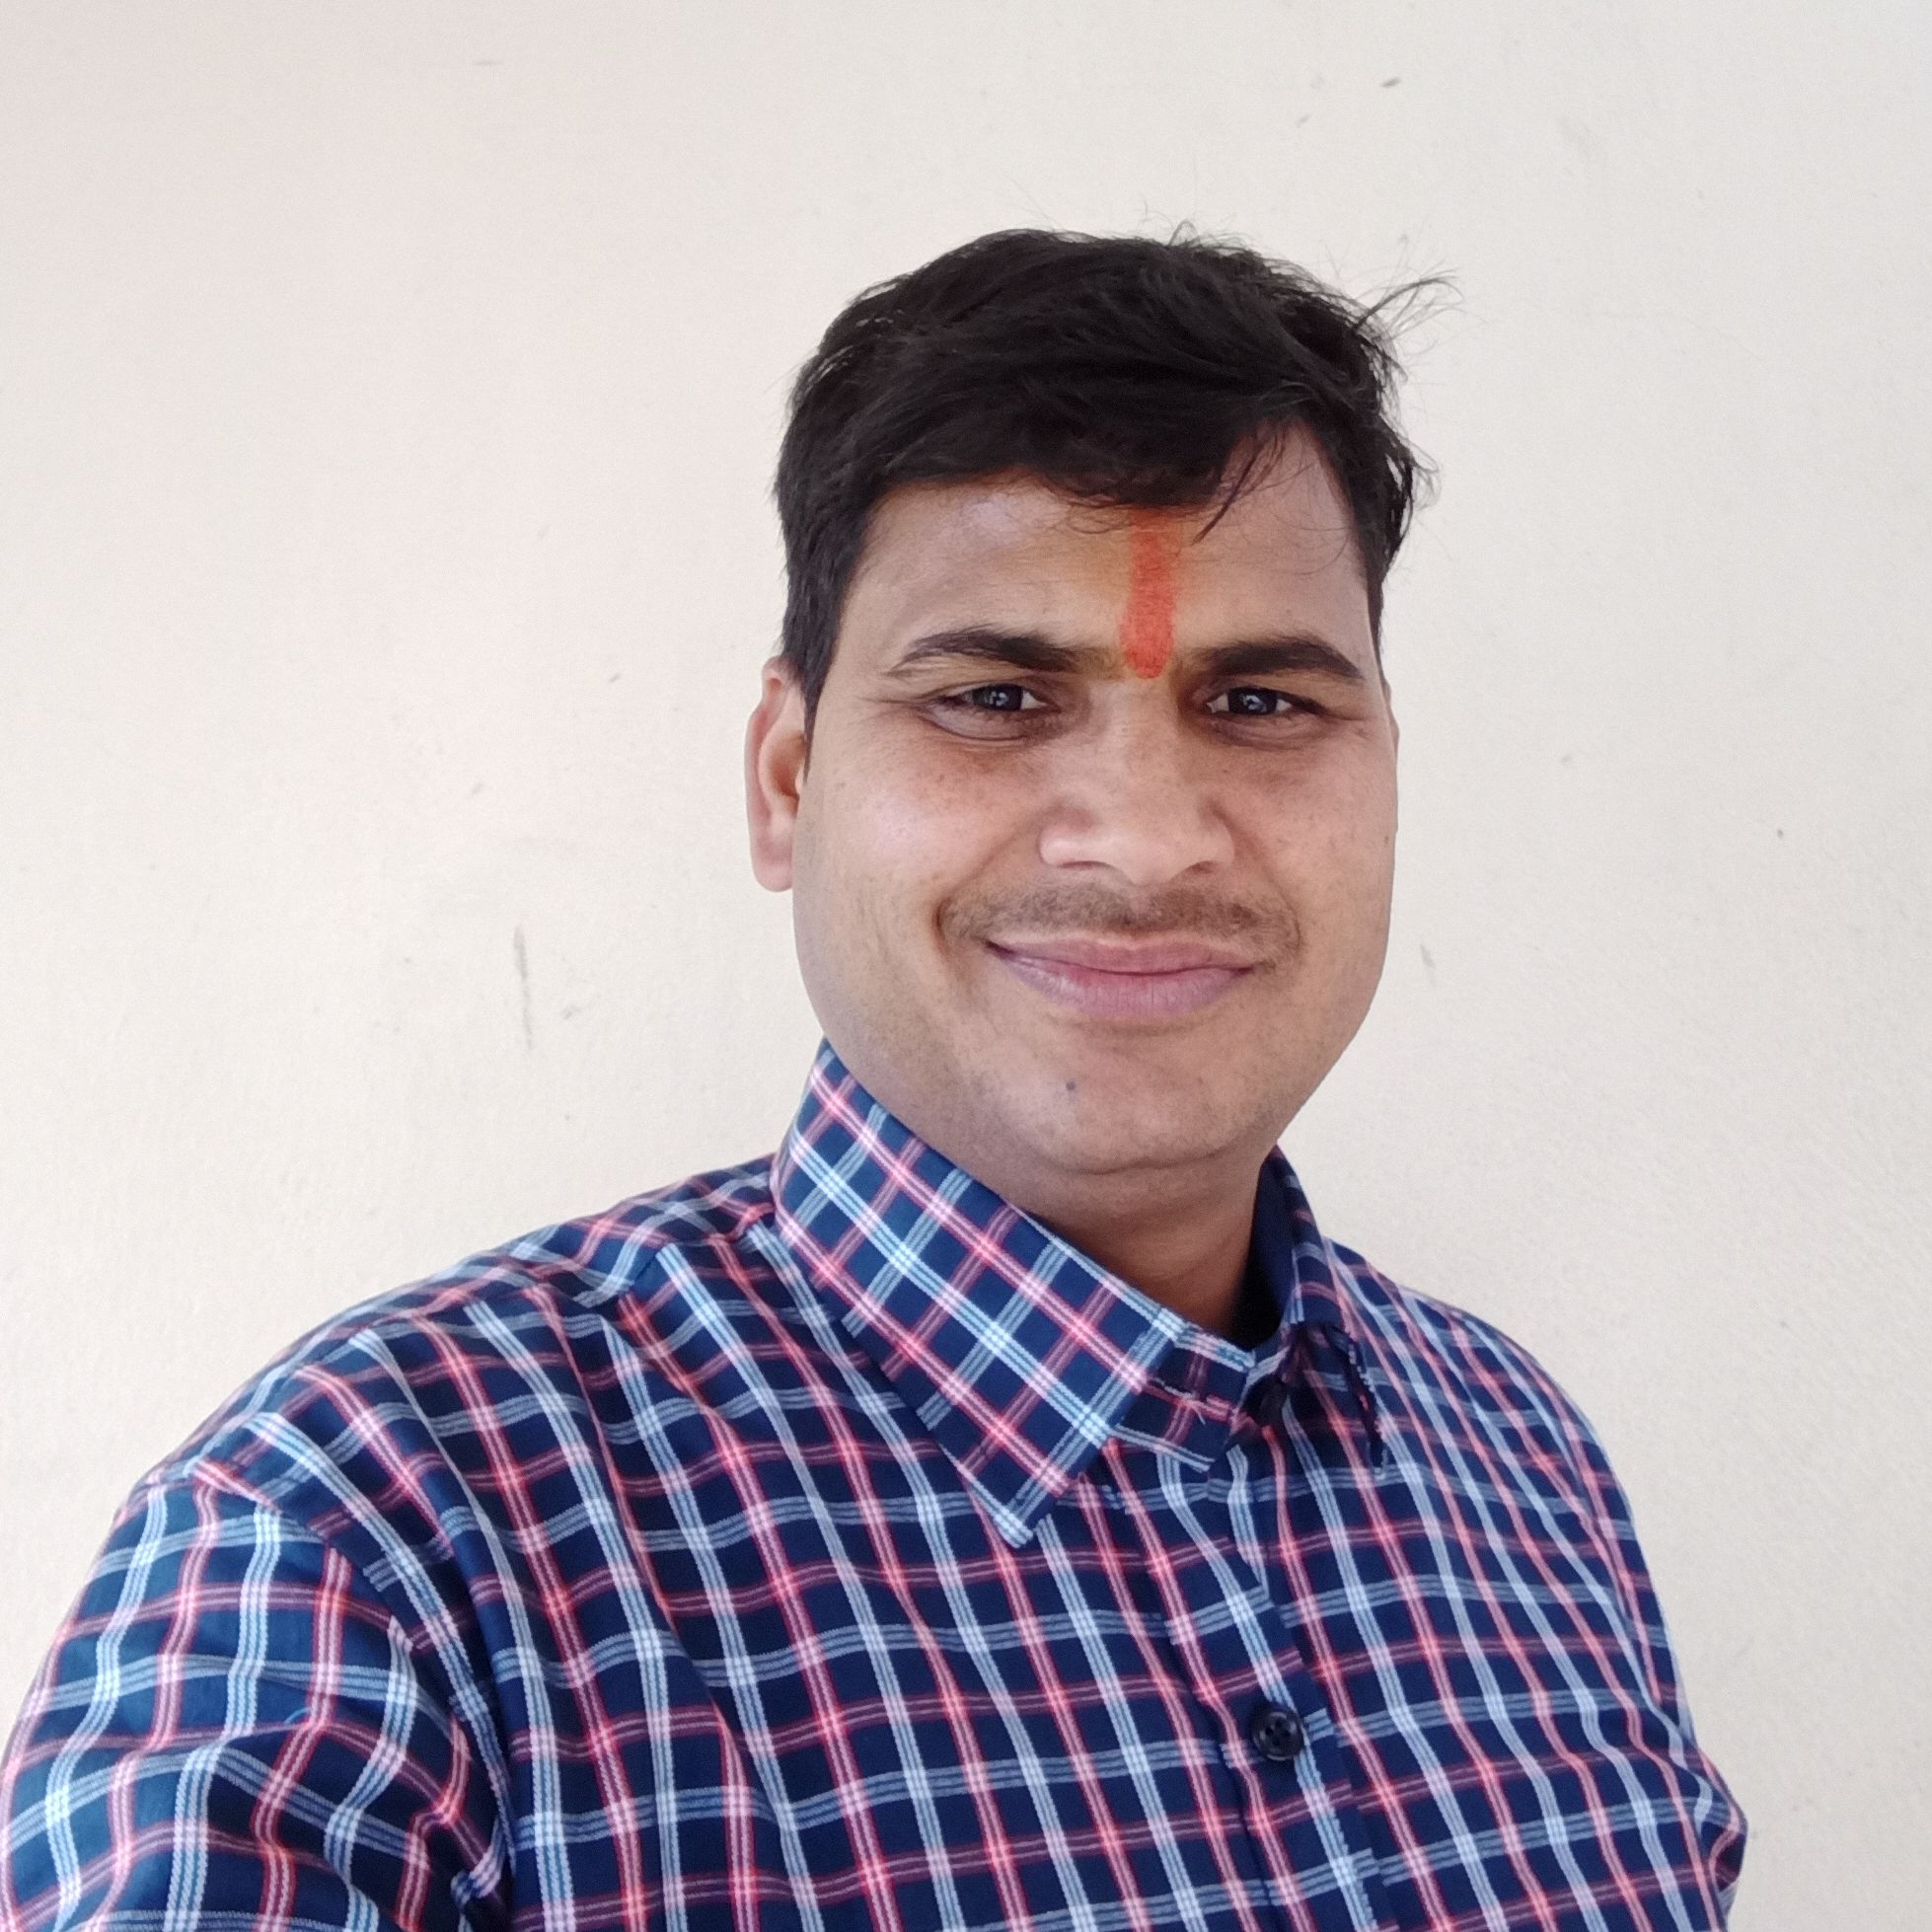 Keshav Datt Joshi